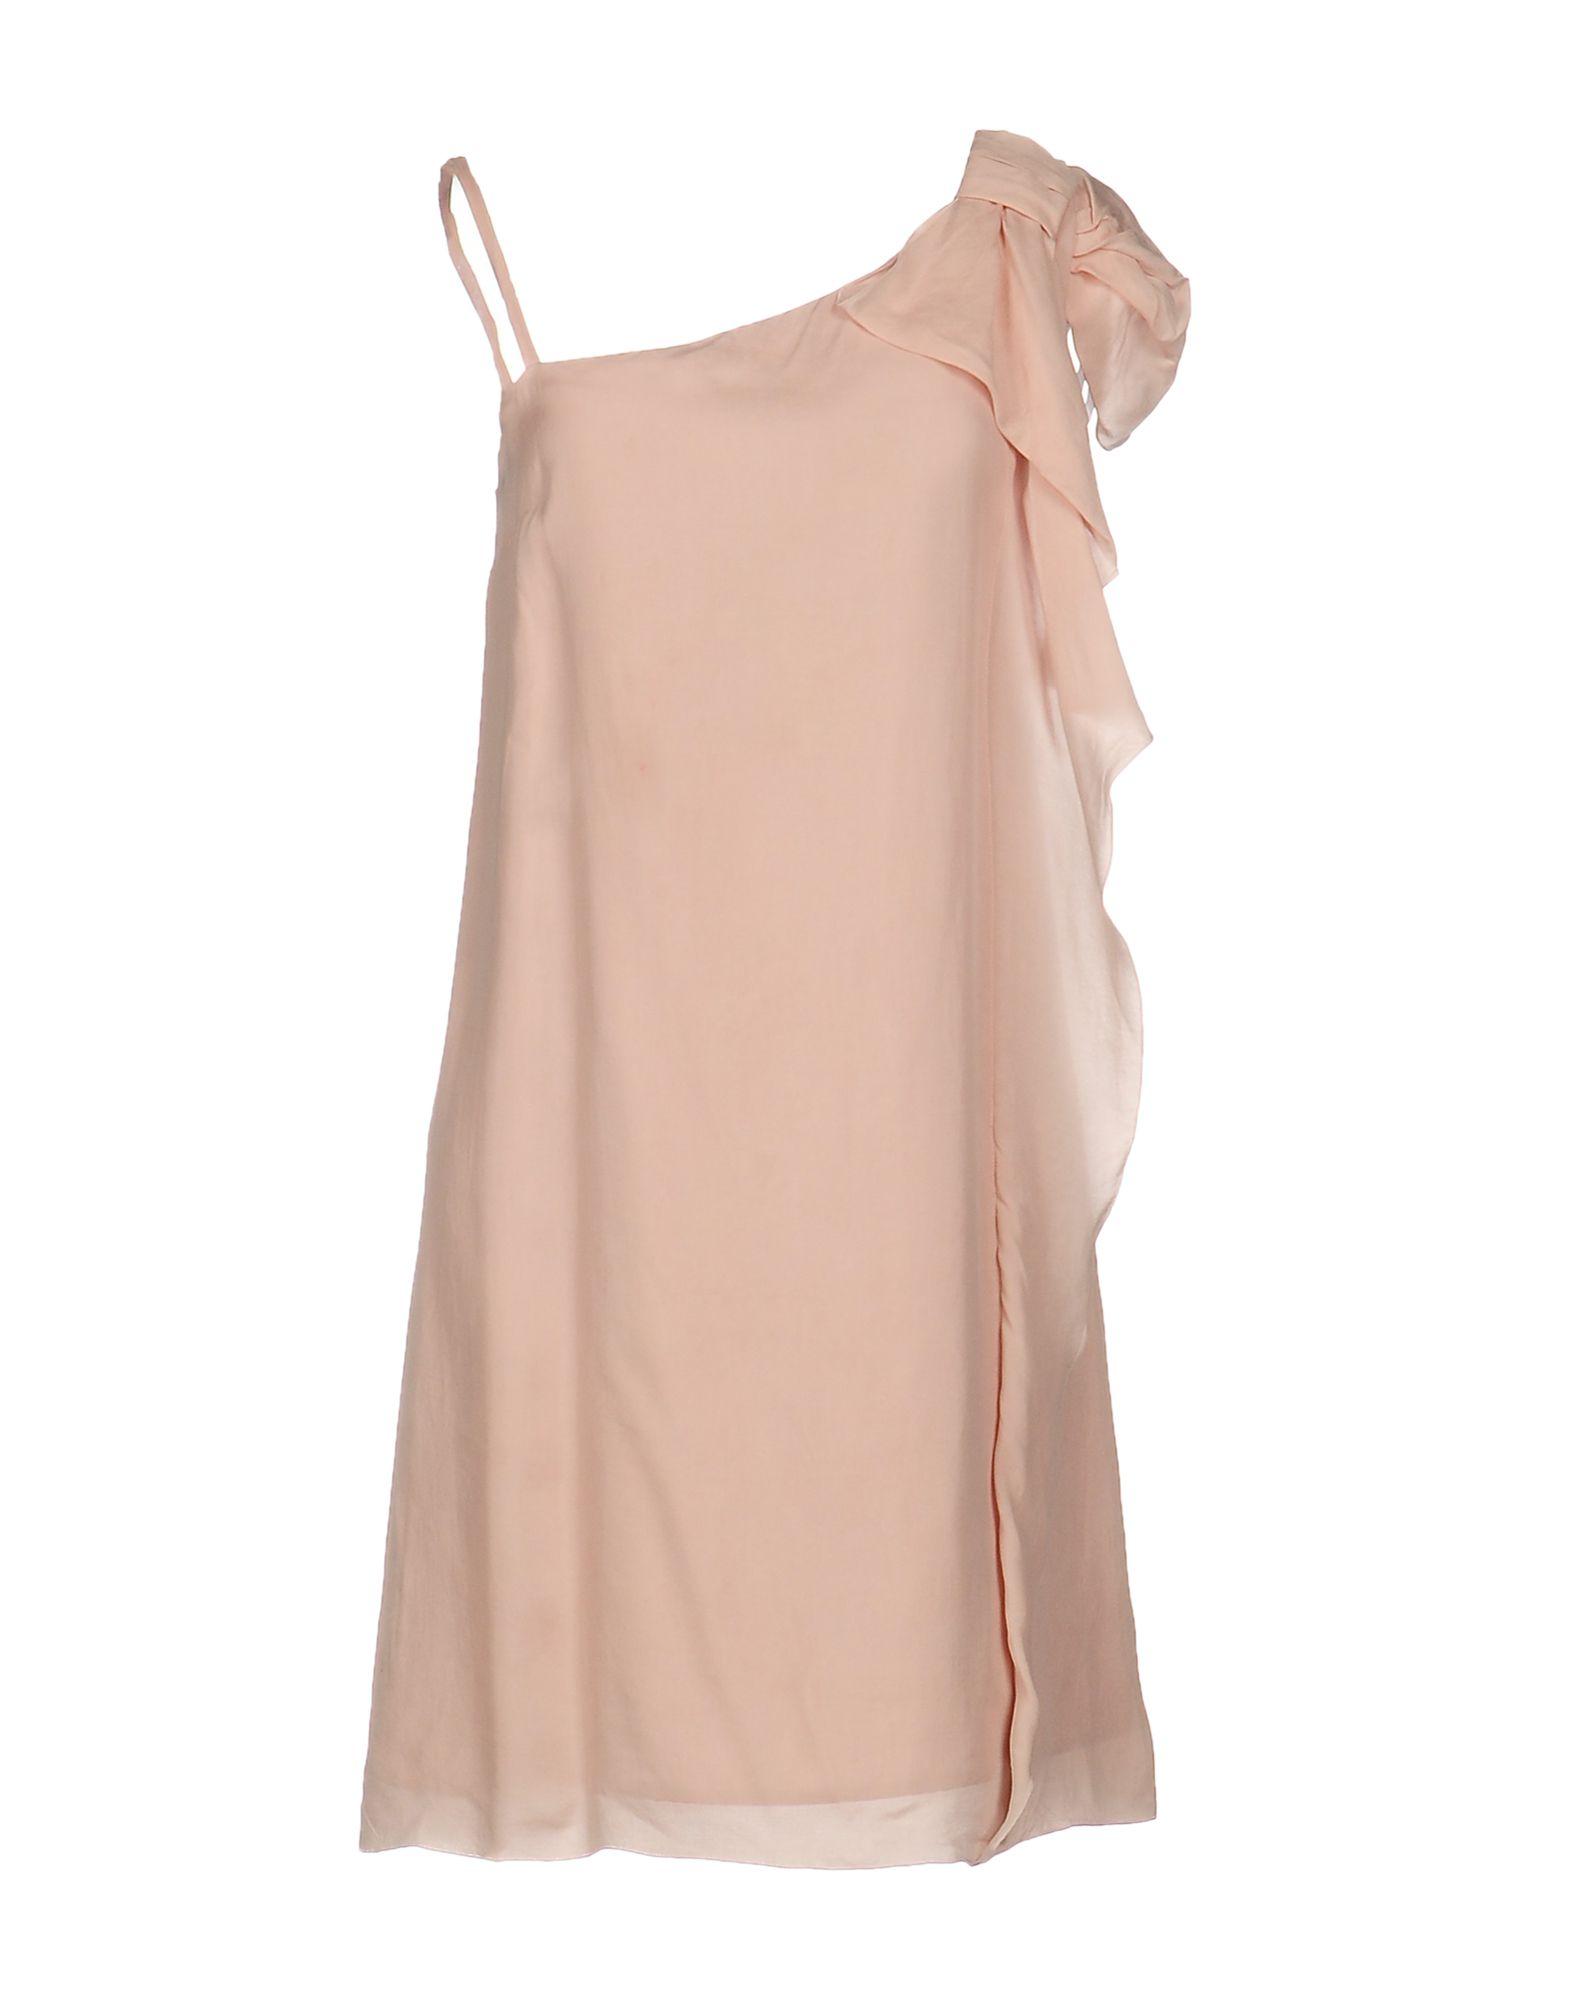 REDValentino Damen Kurzes Kleid Farbe Rosa Größe 2 - broschei